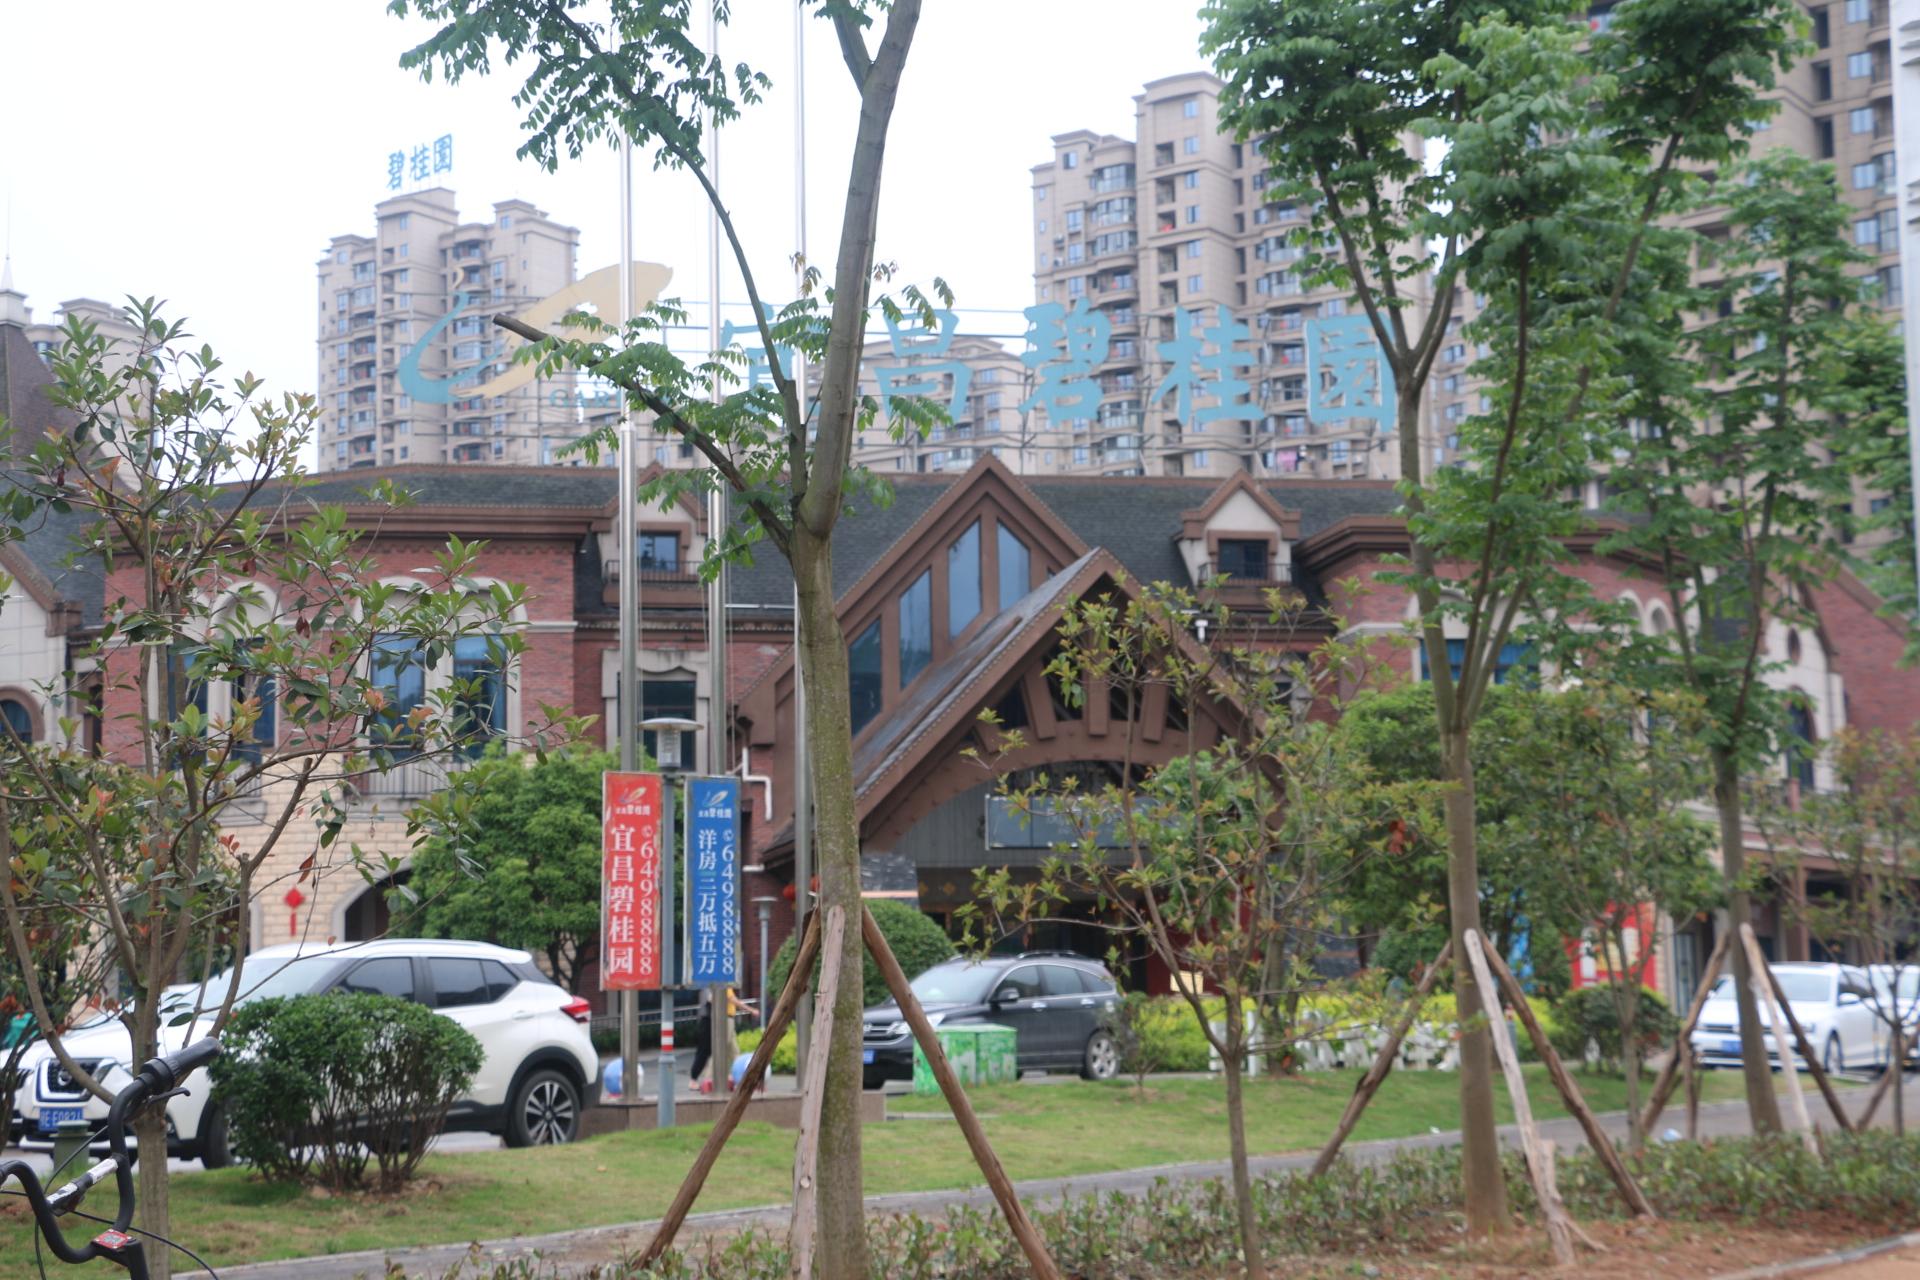 宜昌·碧桂園丨地暖,讓您的家享受品質舒適生活!